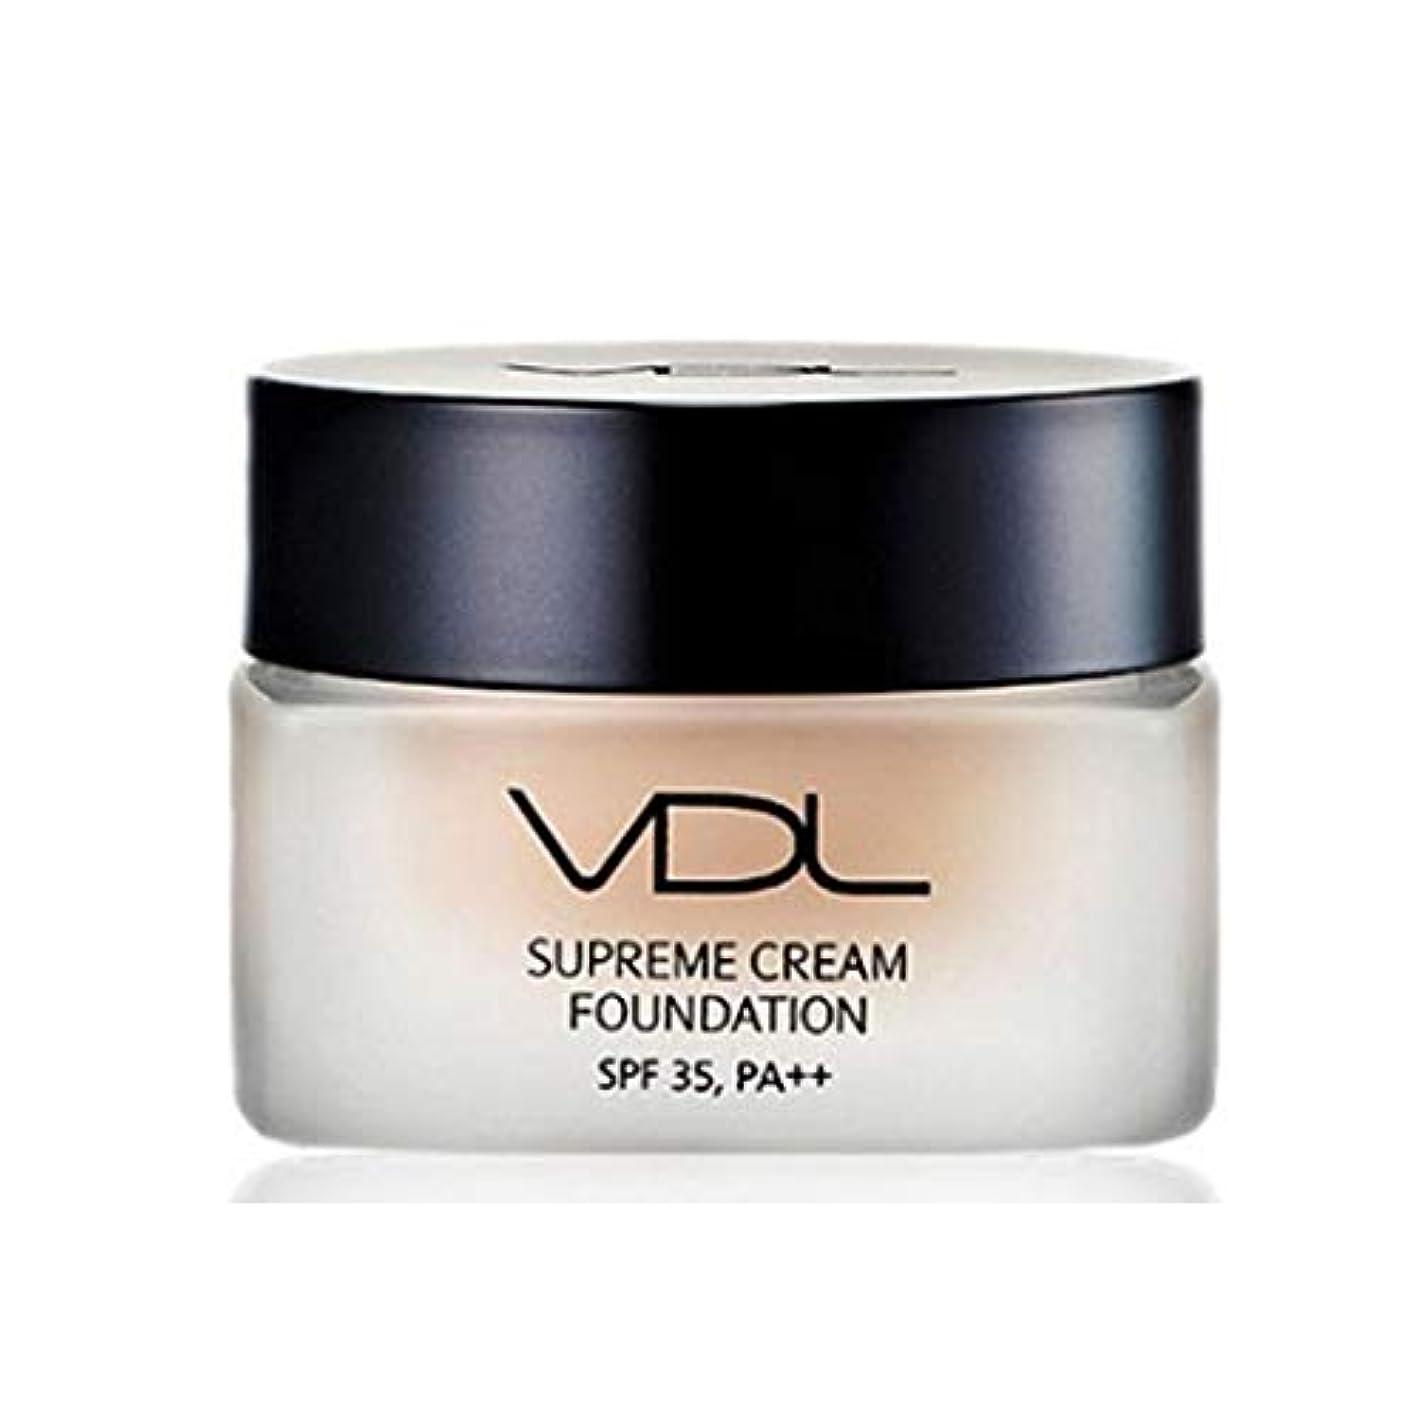 足首呪われた比喩VDLスプリームクリームファンデーション30ml SPF35 PA++ 4色、VDL Supreme Cream Foundation 30ml SPF35 PA++ 4 Colors [並行輸入品] (A02)